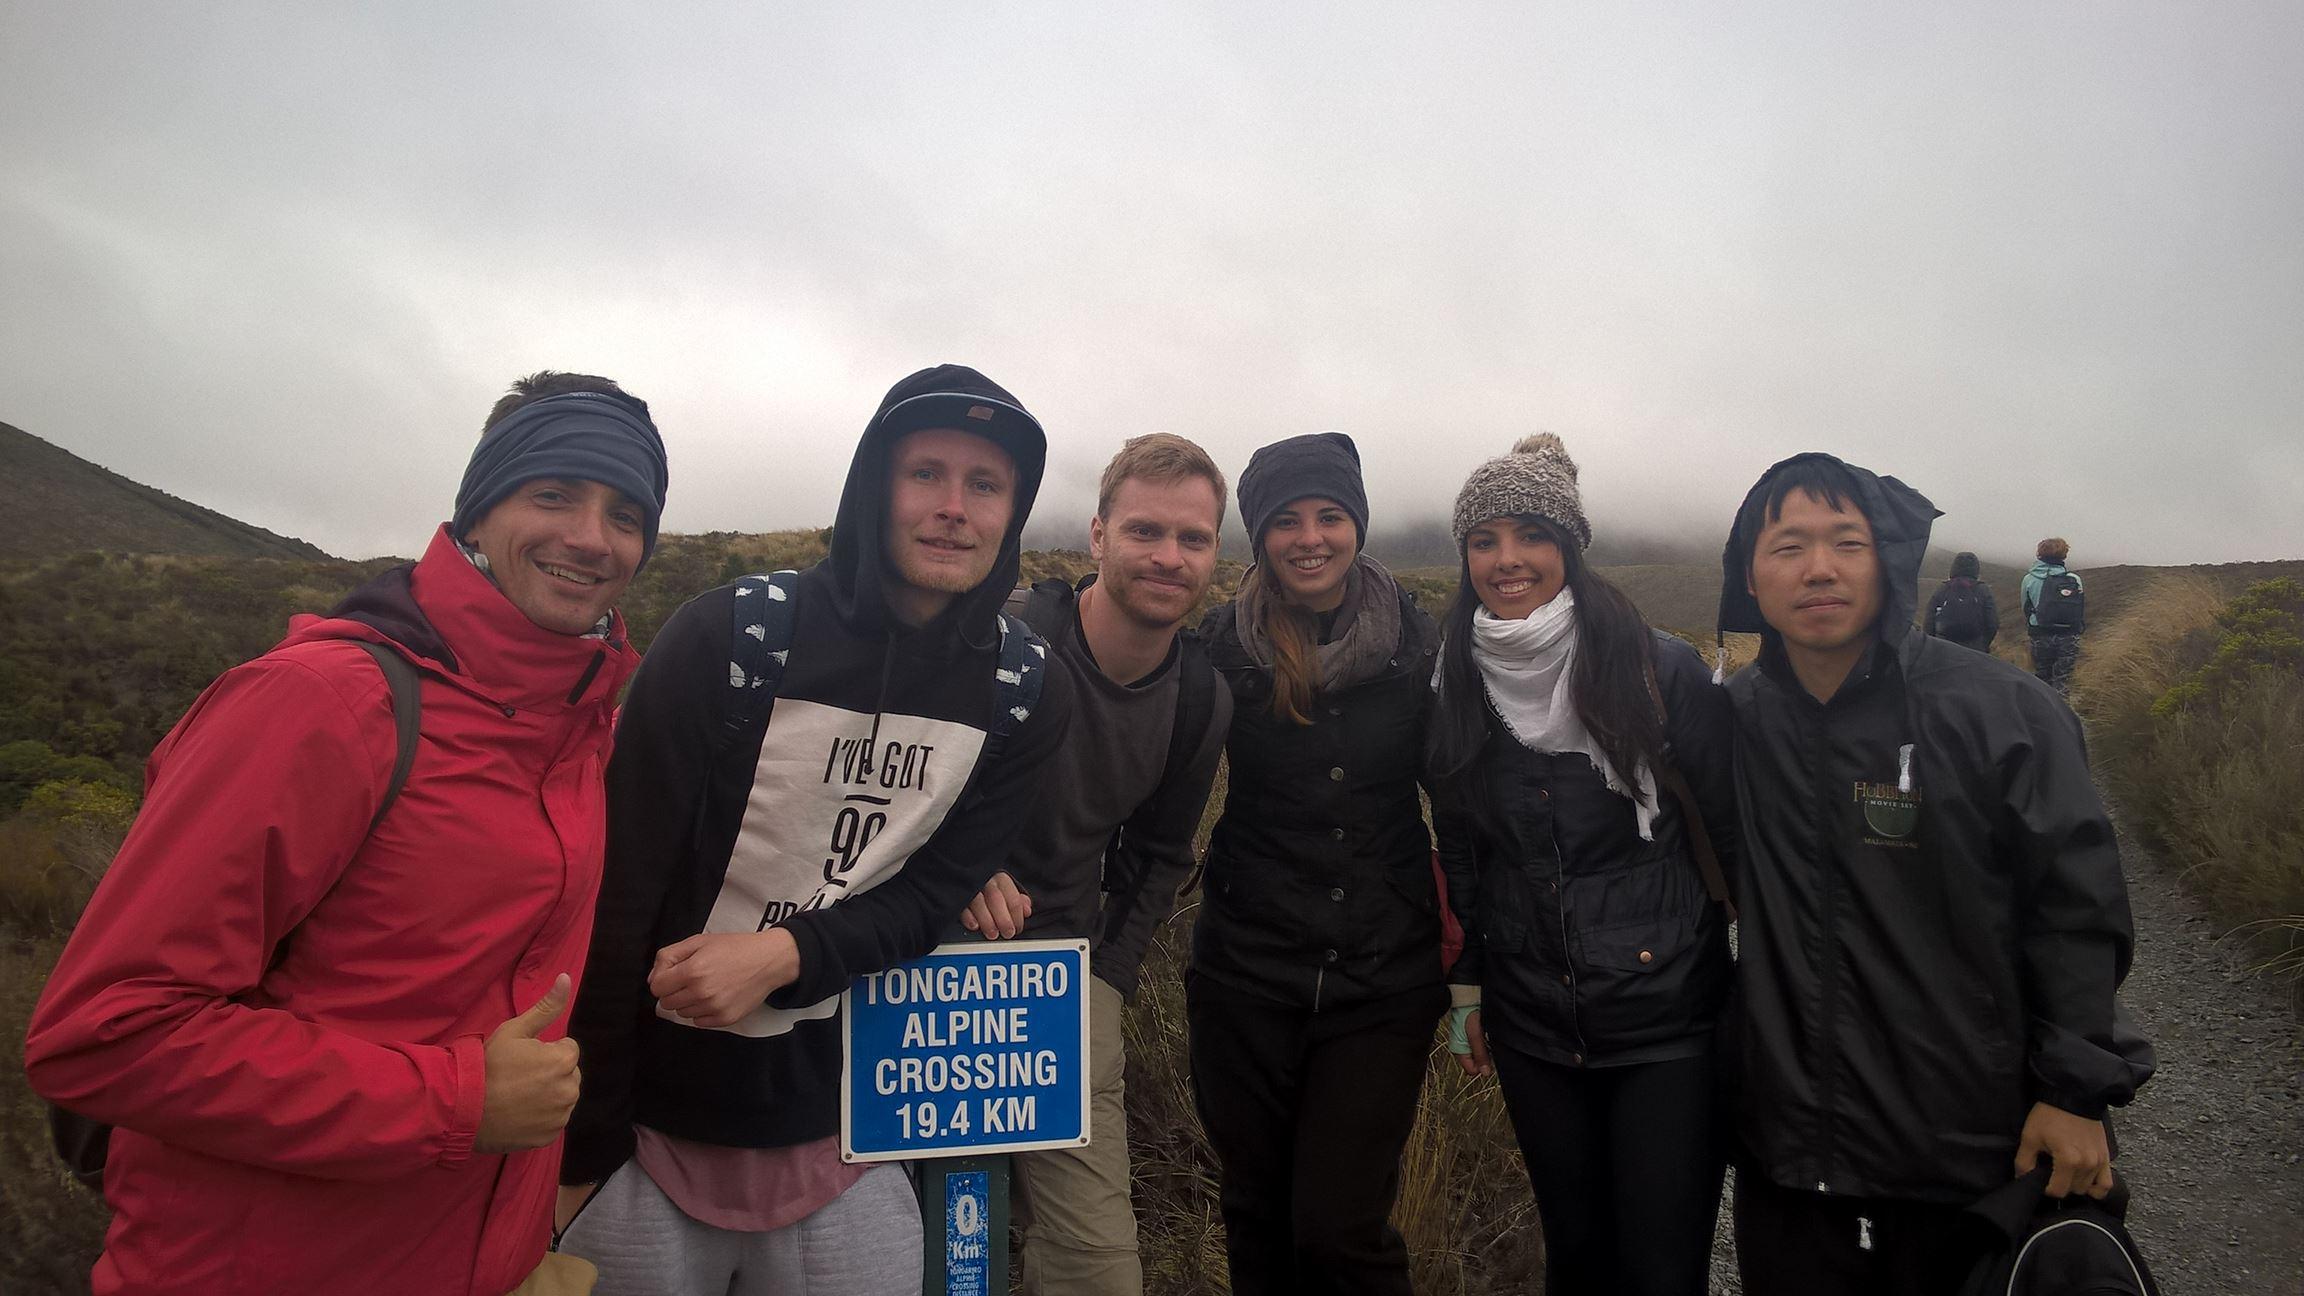 Tongariro Alpine Crossing beim Start: Das Wetter hätte schöner sein können